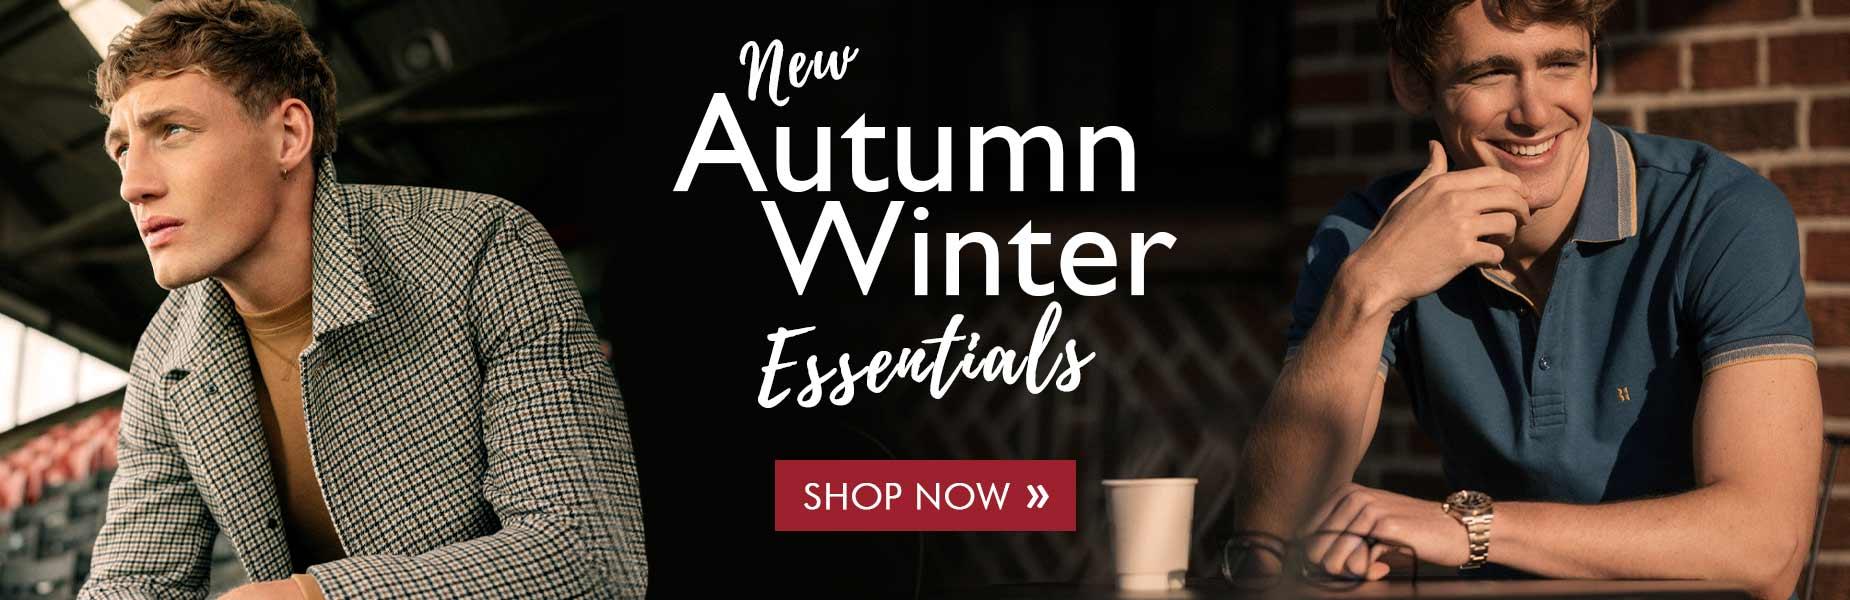 New Autumn Winter Essentials